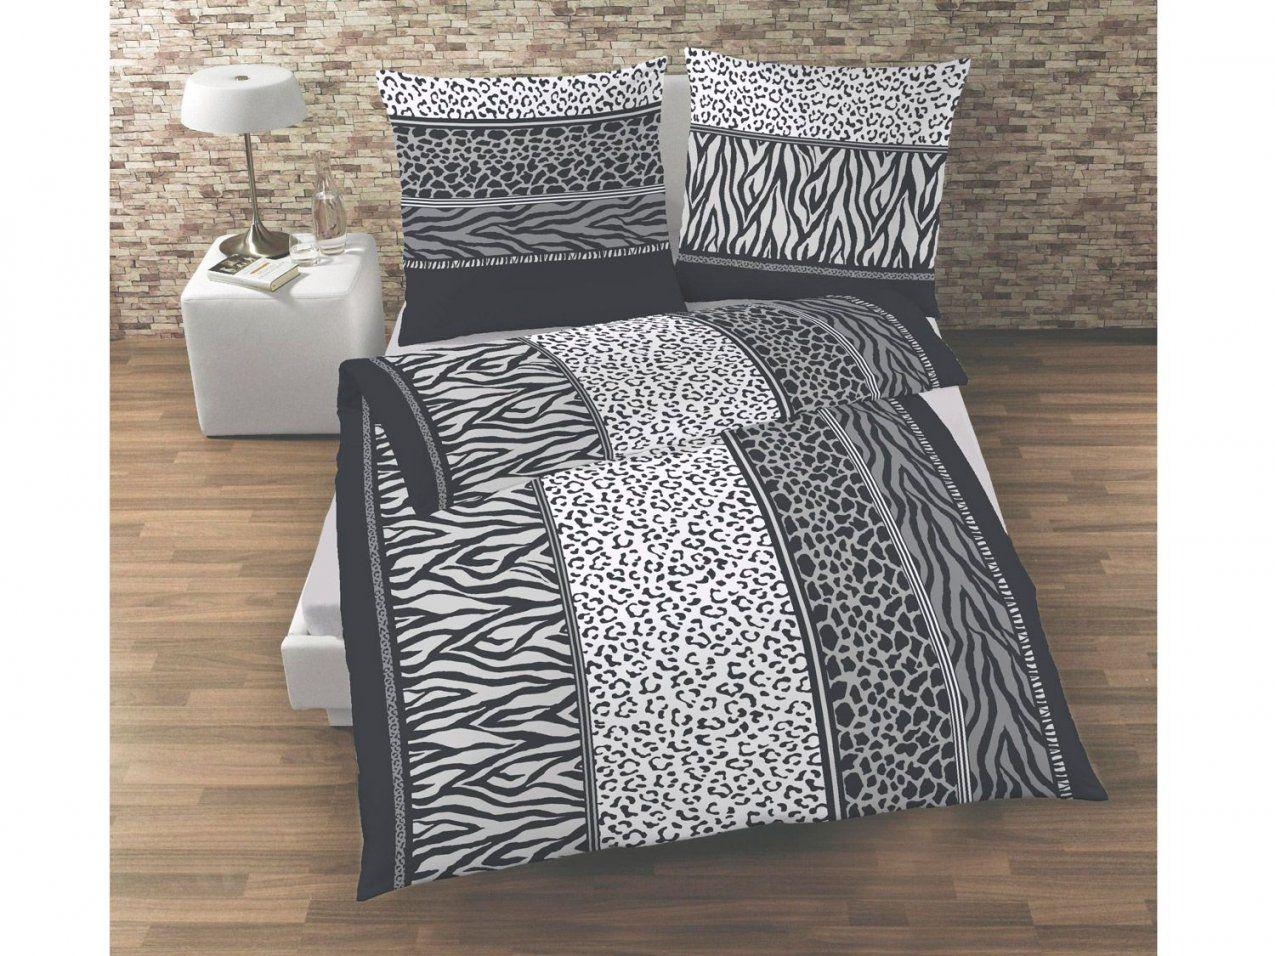 Dobnig Biberbettwäsche Zebradesign 135 X 200 Cm  Lidl von Lidl Bettwäsche Biber Bild